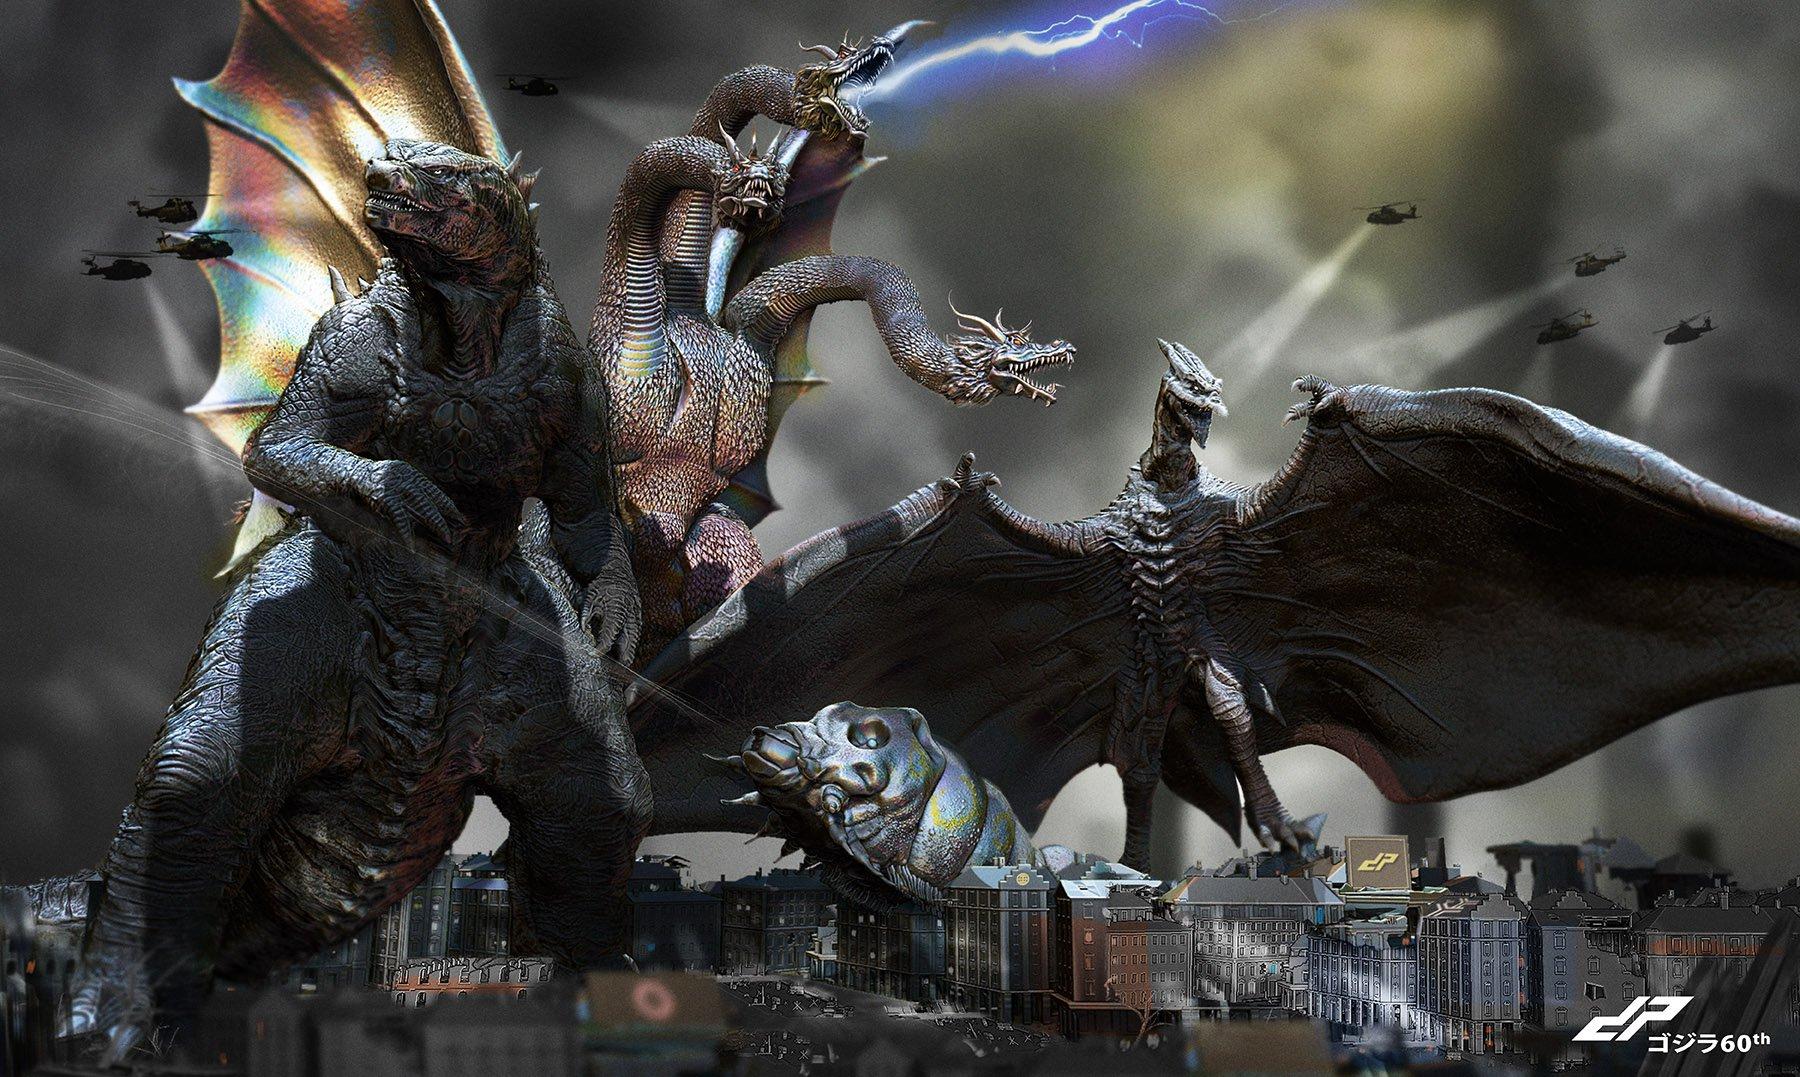 Chính thức xác nhận Godzilla sẽ có mặt trong bom tấn Kong ...